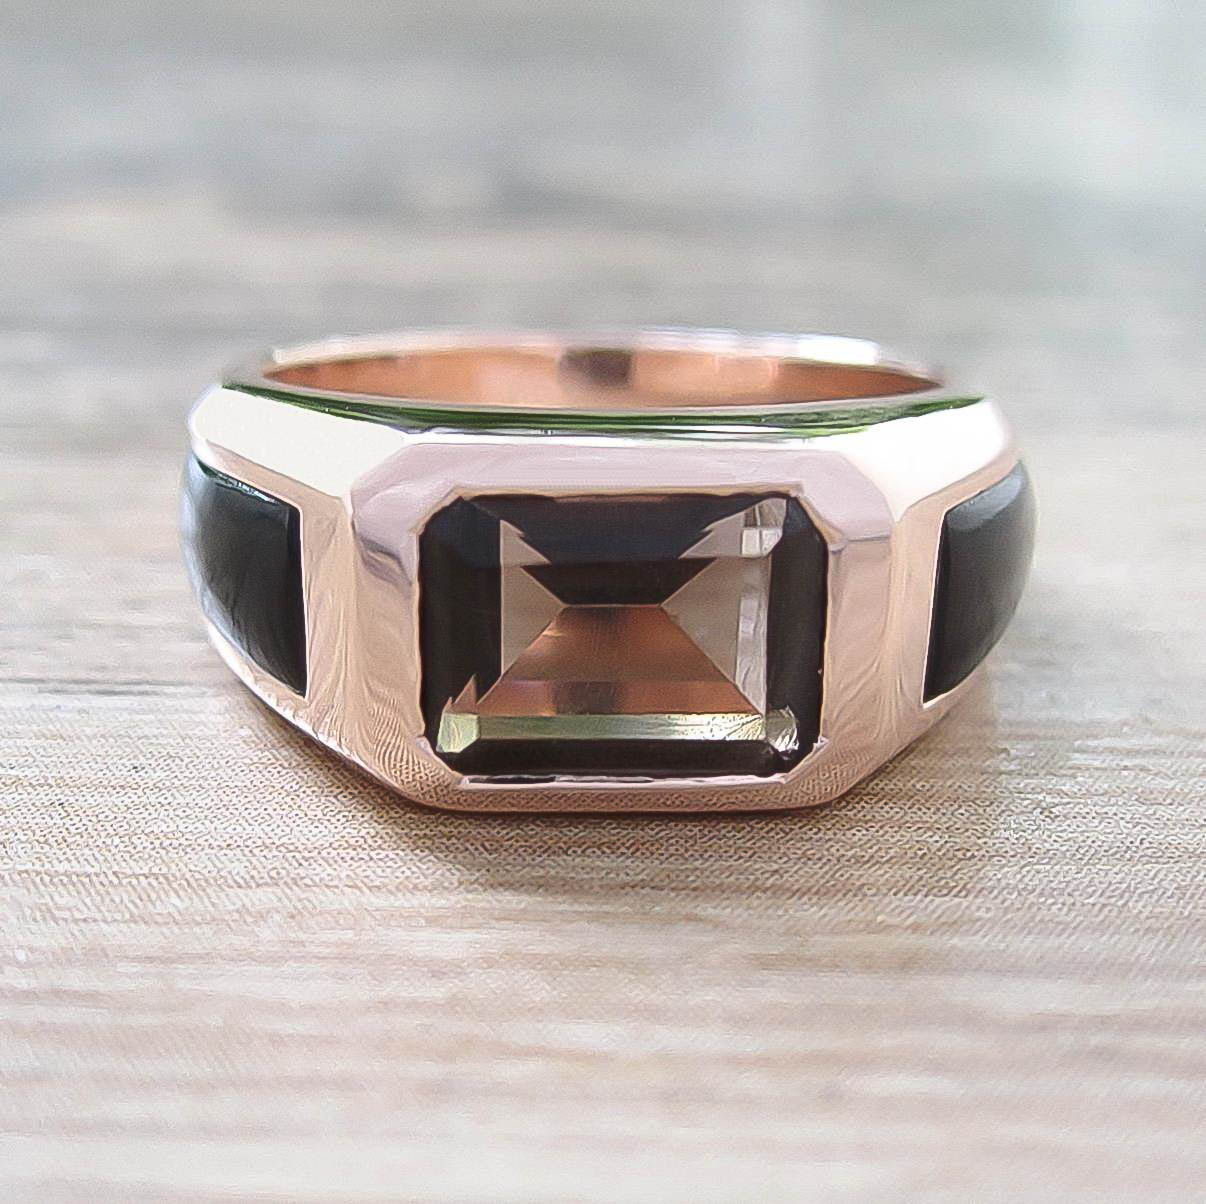 แหวน Smoky Quartz + Black Onyx Sterling Silver สี Rose Gold รุ่น Majestic